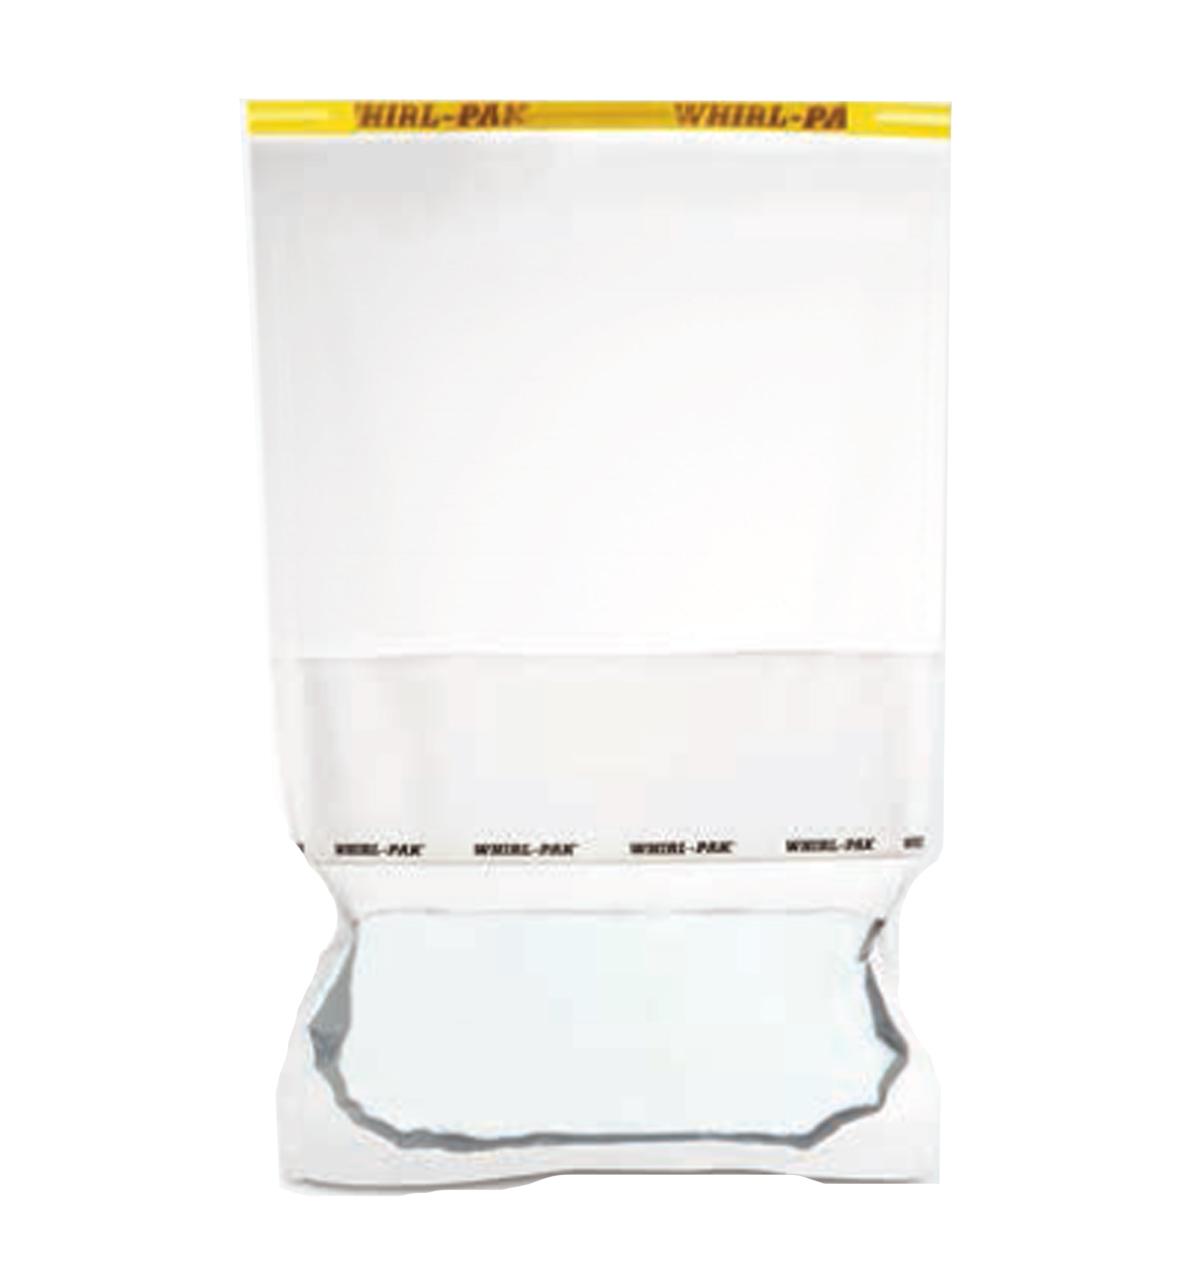 Стерильные пакеты для отбора проб Whirl-Pak для гомогенизаторов